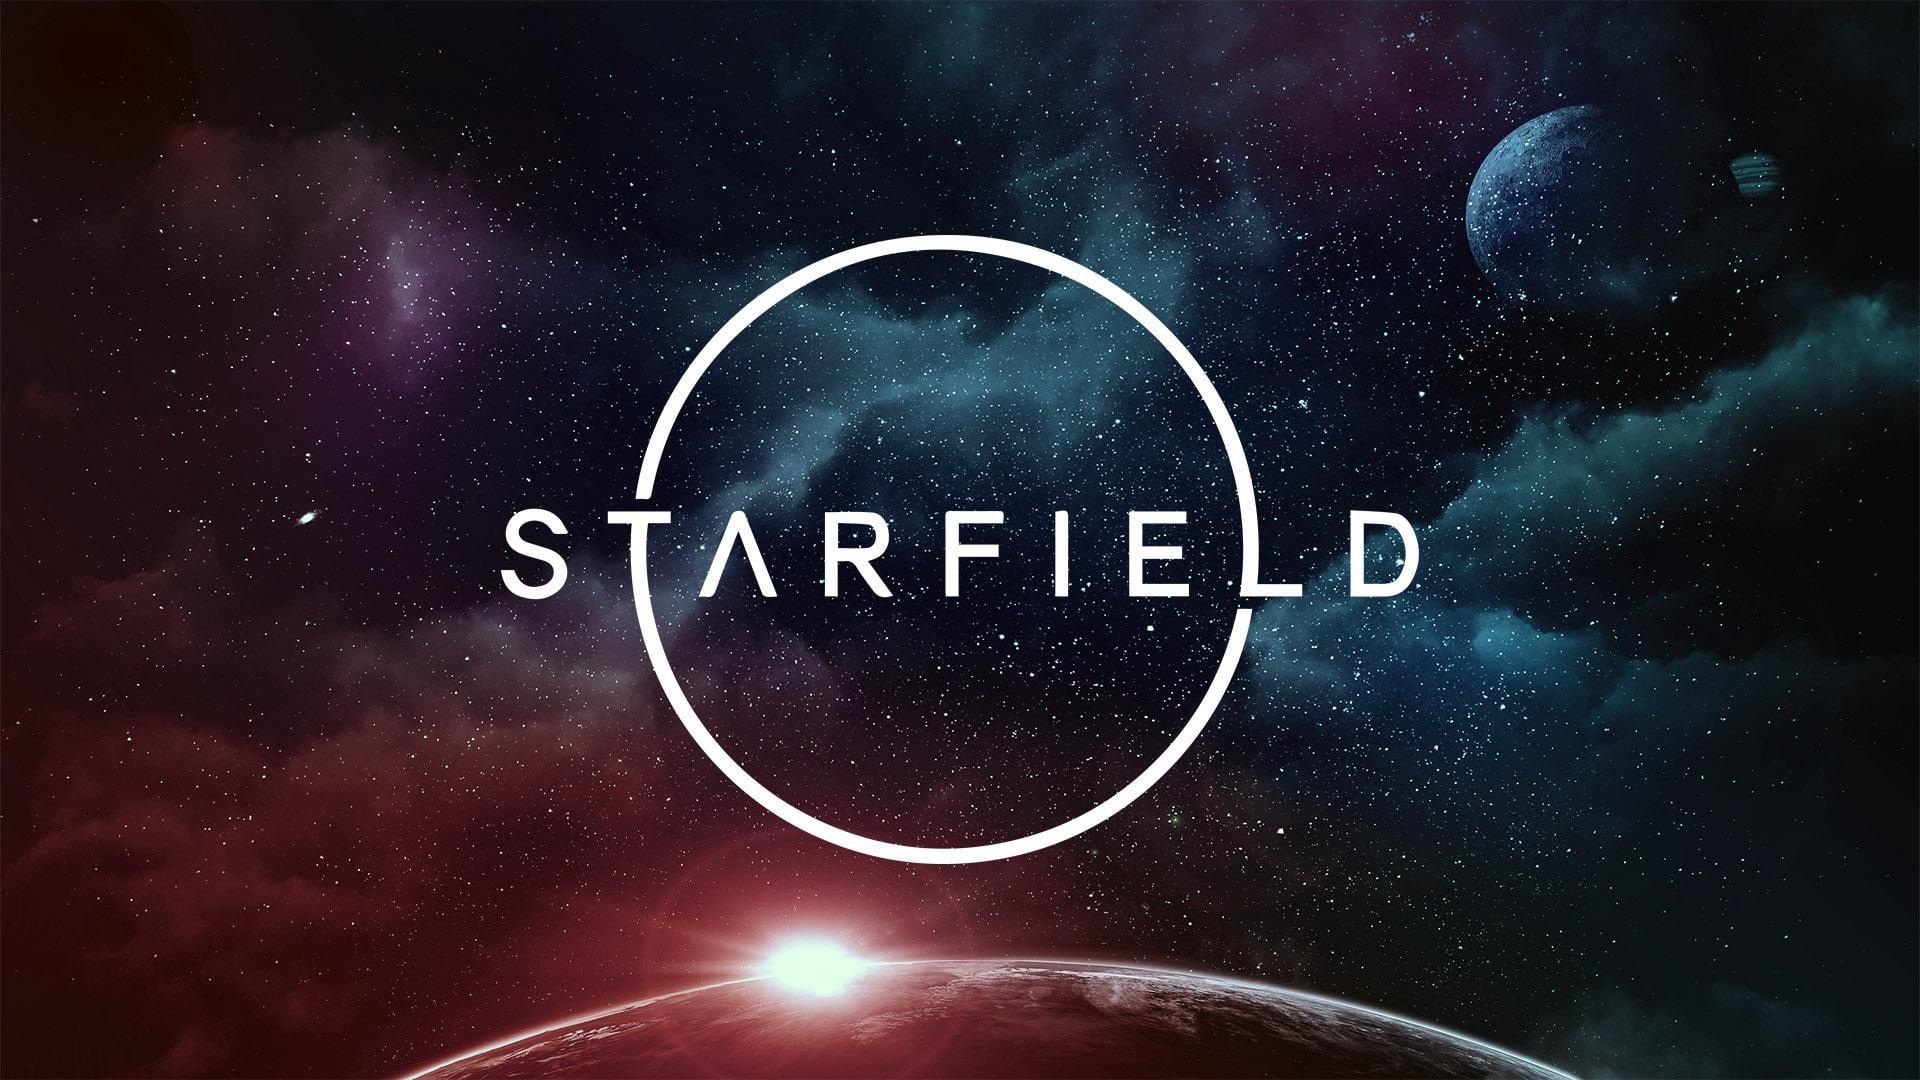 消息称B社新作《星空》原预期于2021年内发布